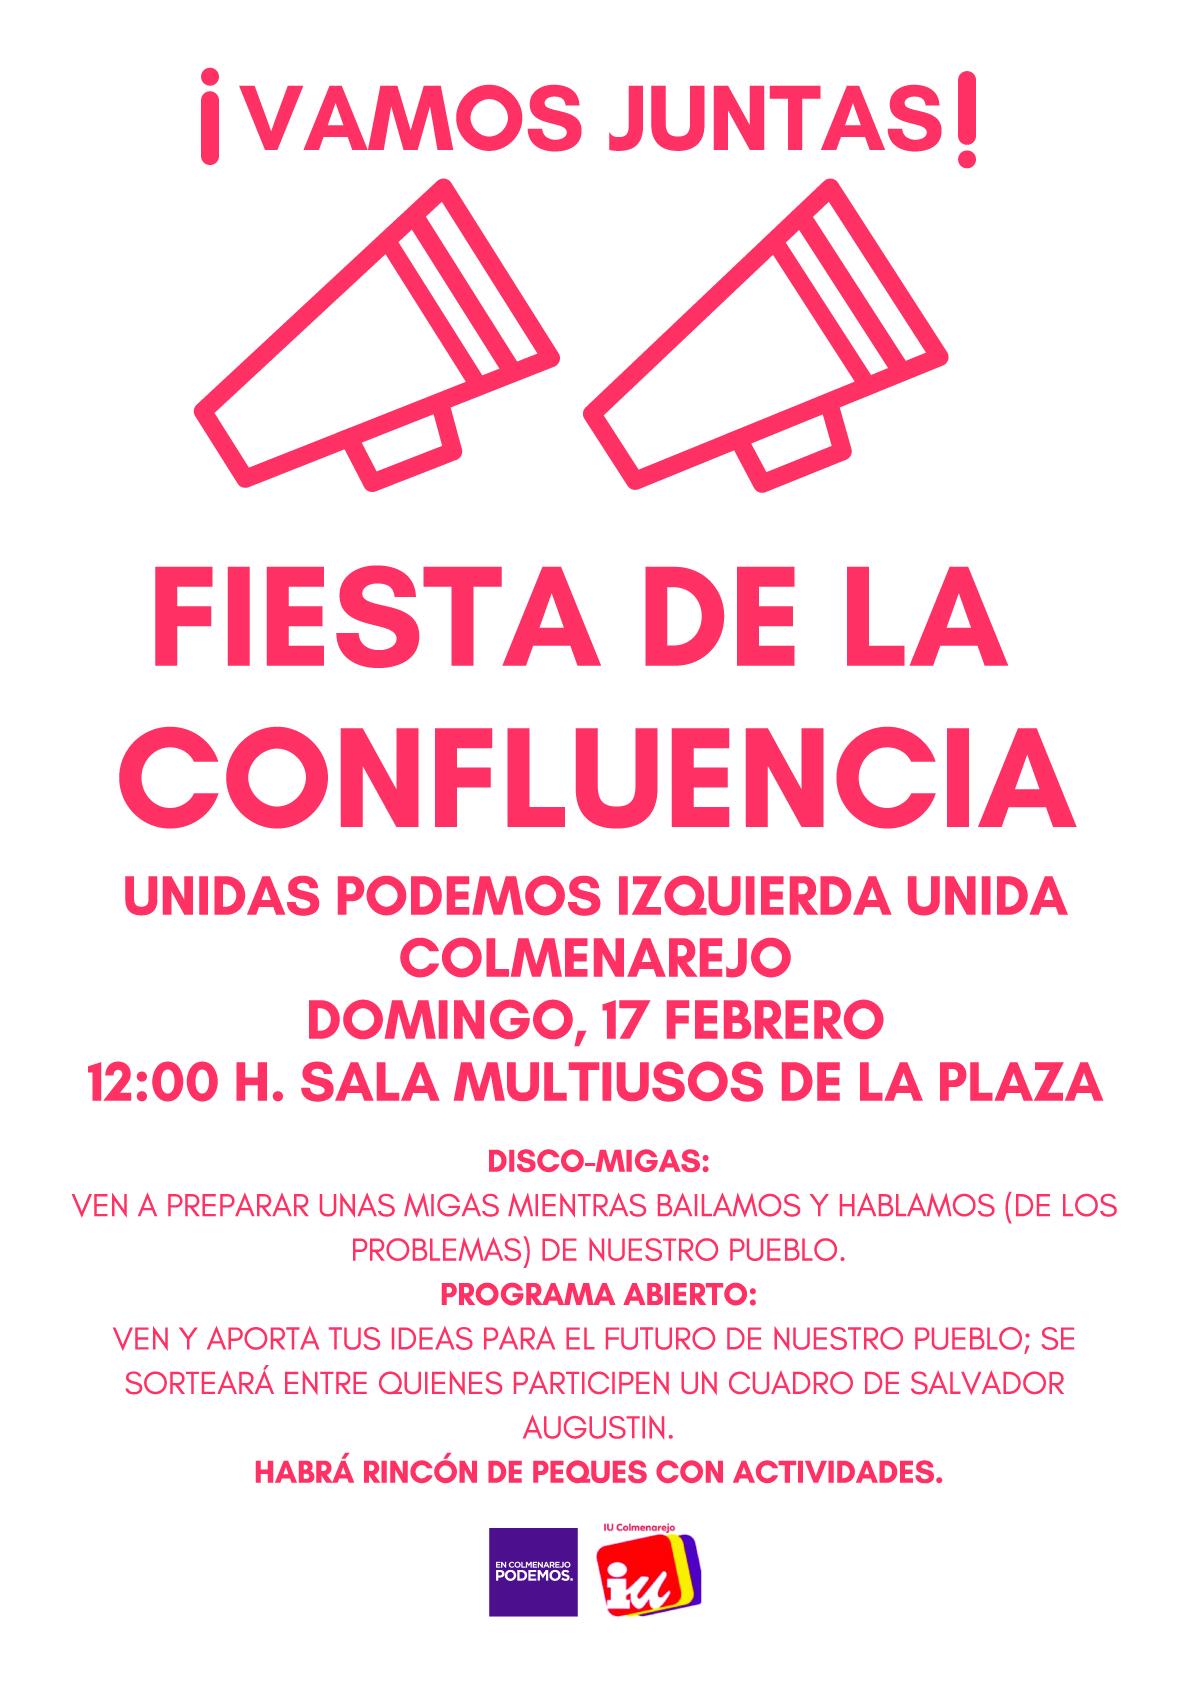 vamos juntas acto público domingo 17-02-2019 12 horas